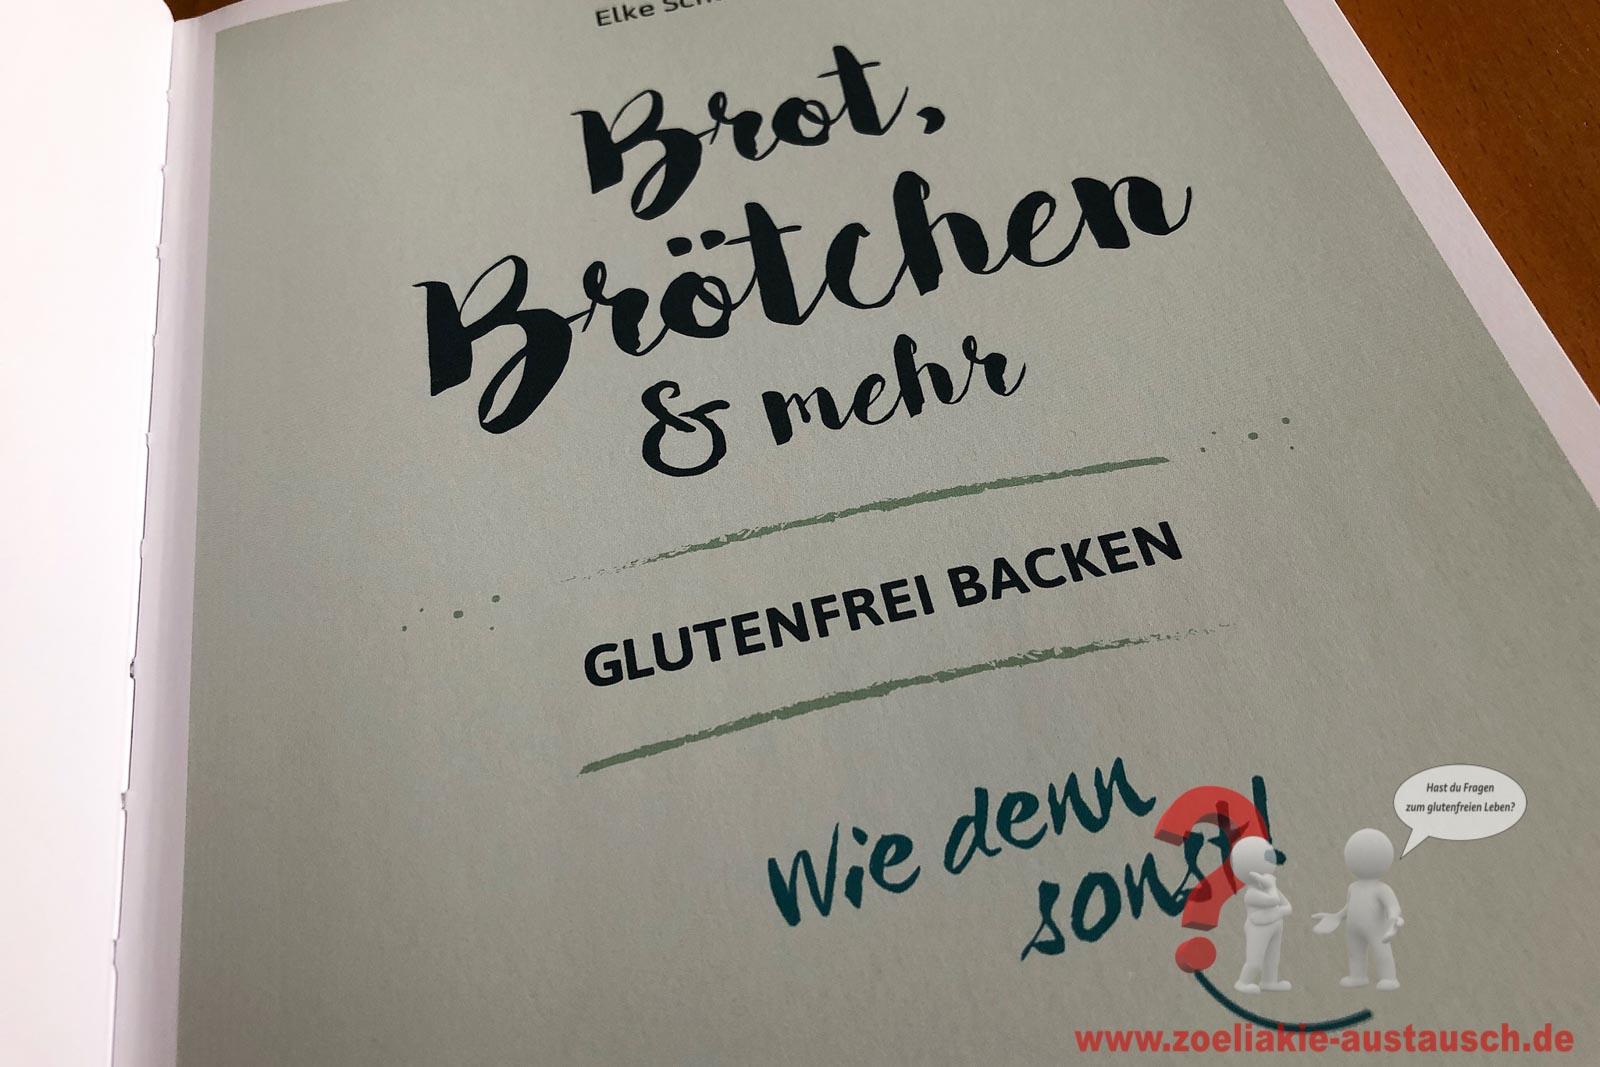 Schulenburg_Brot-Broetchen-und-mehr_Zoeliakie_Austausch_003